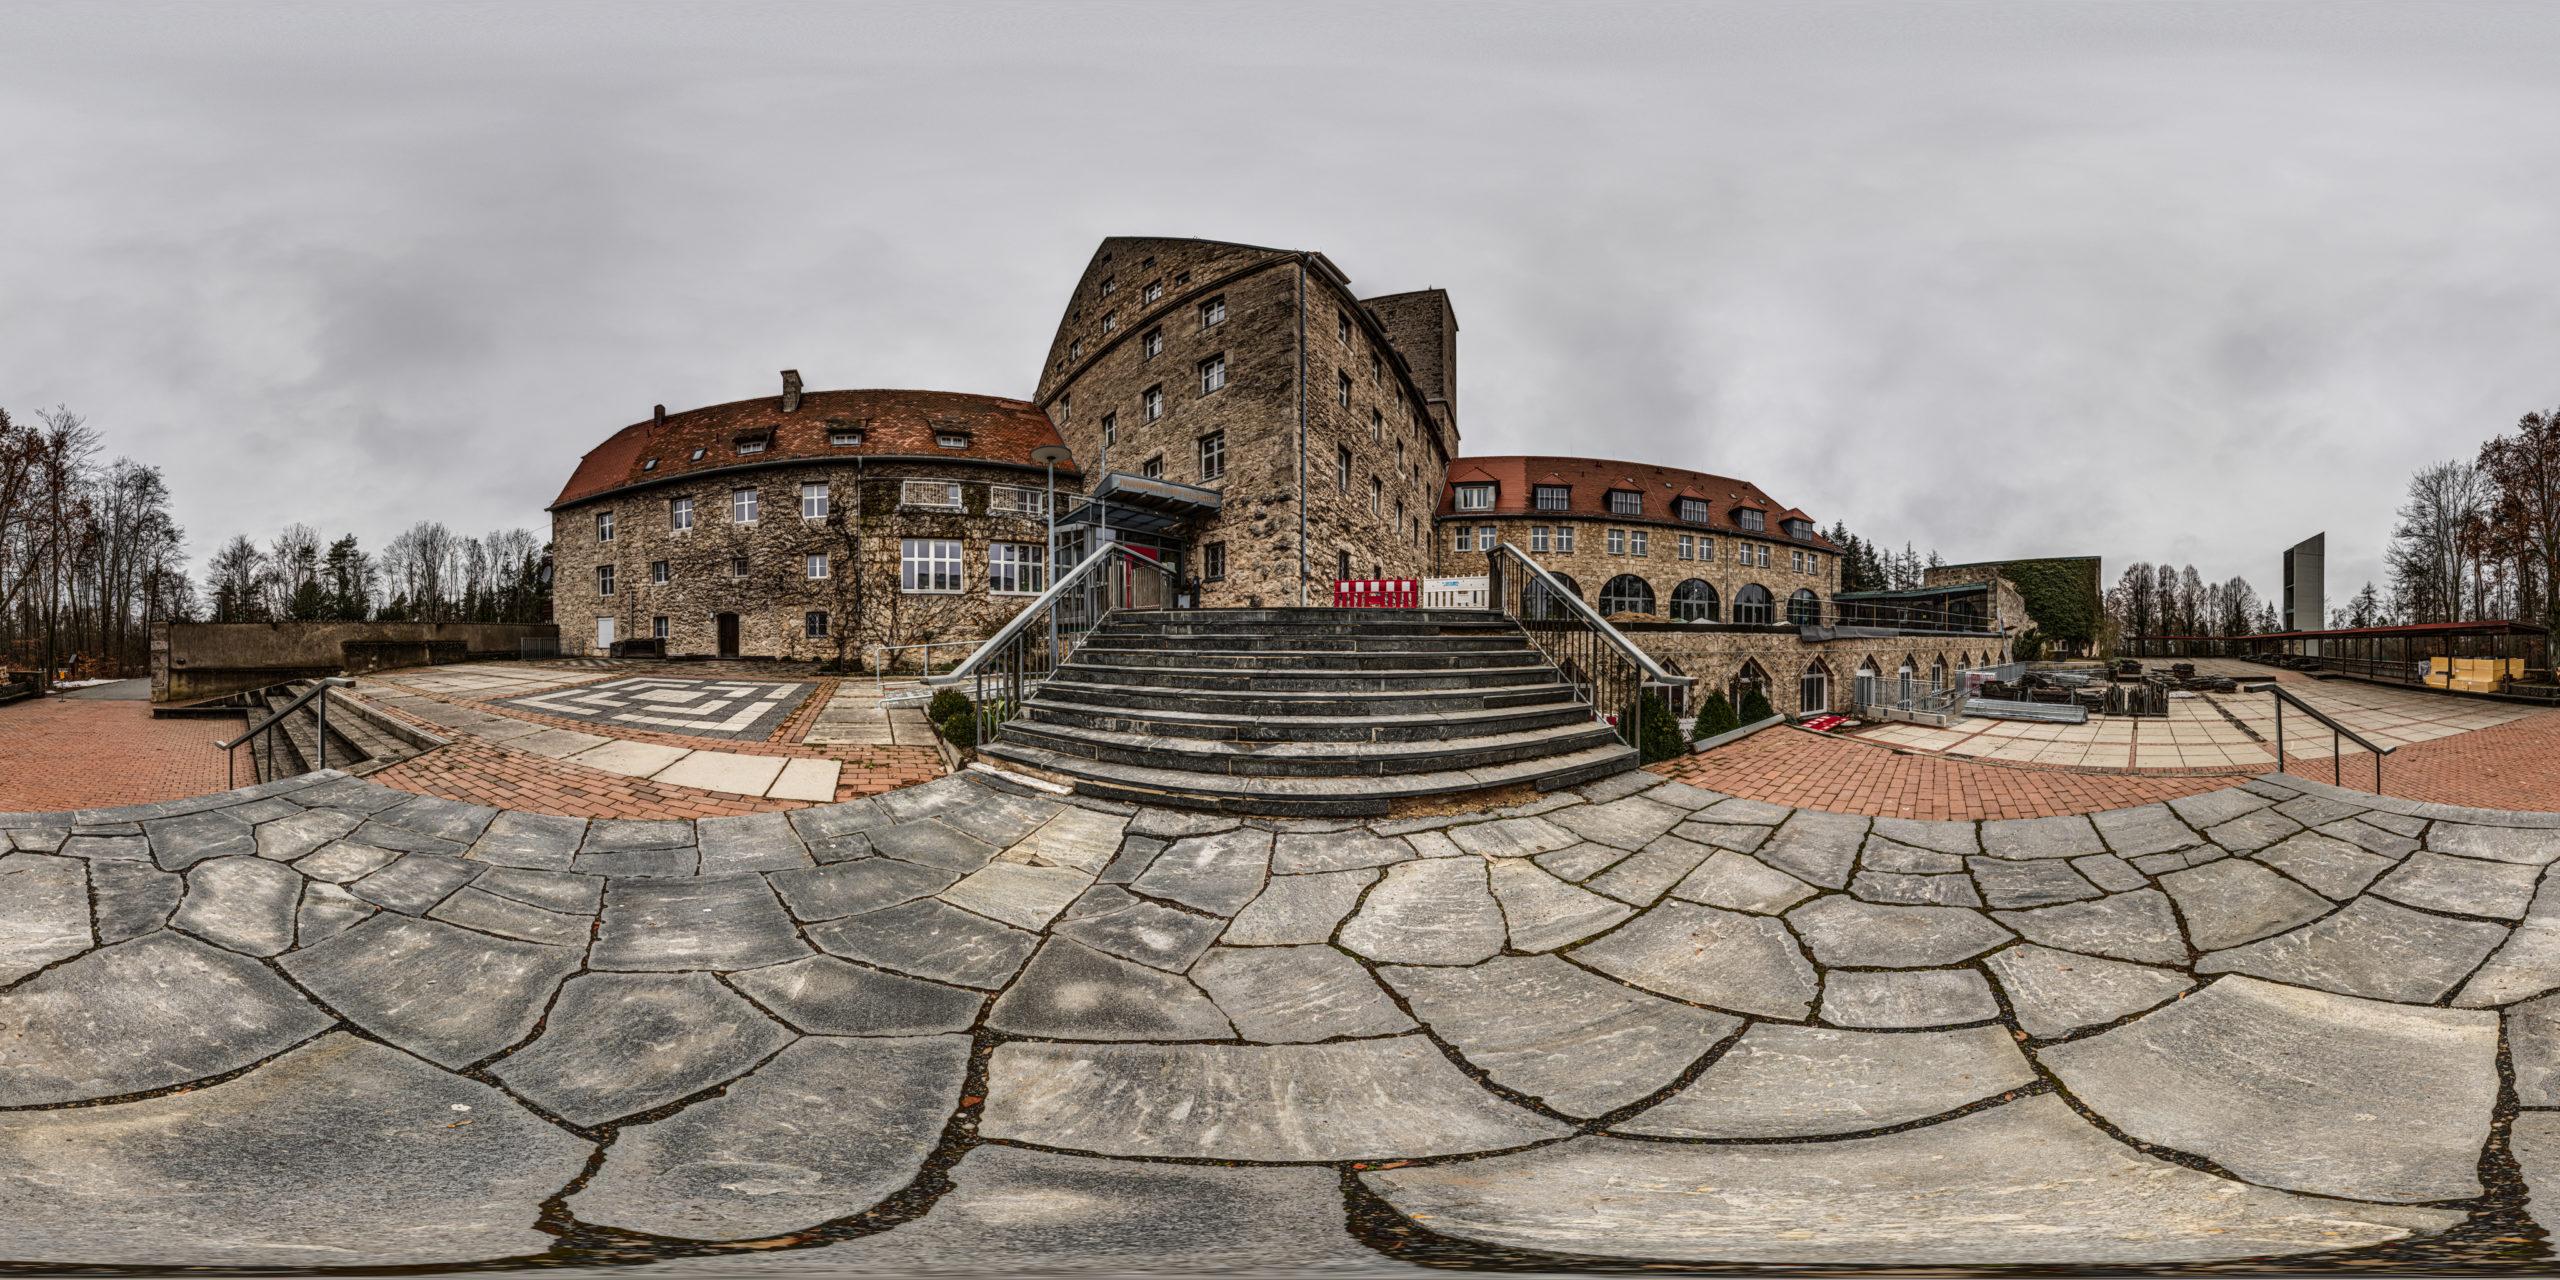 HDRI-Skies-Youth-Center-Castle-Feuerstein-Fränkische-Schweiz